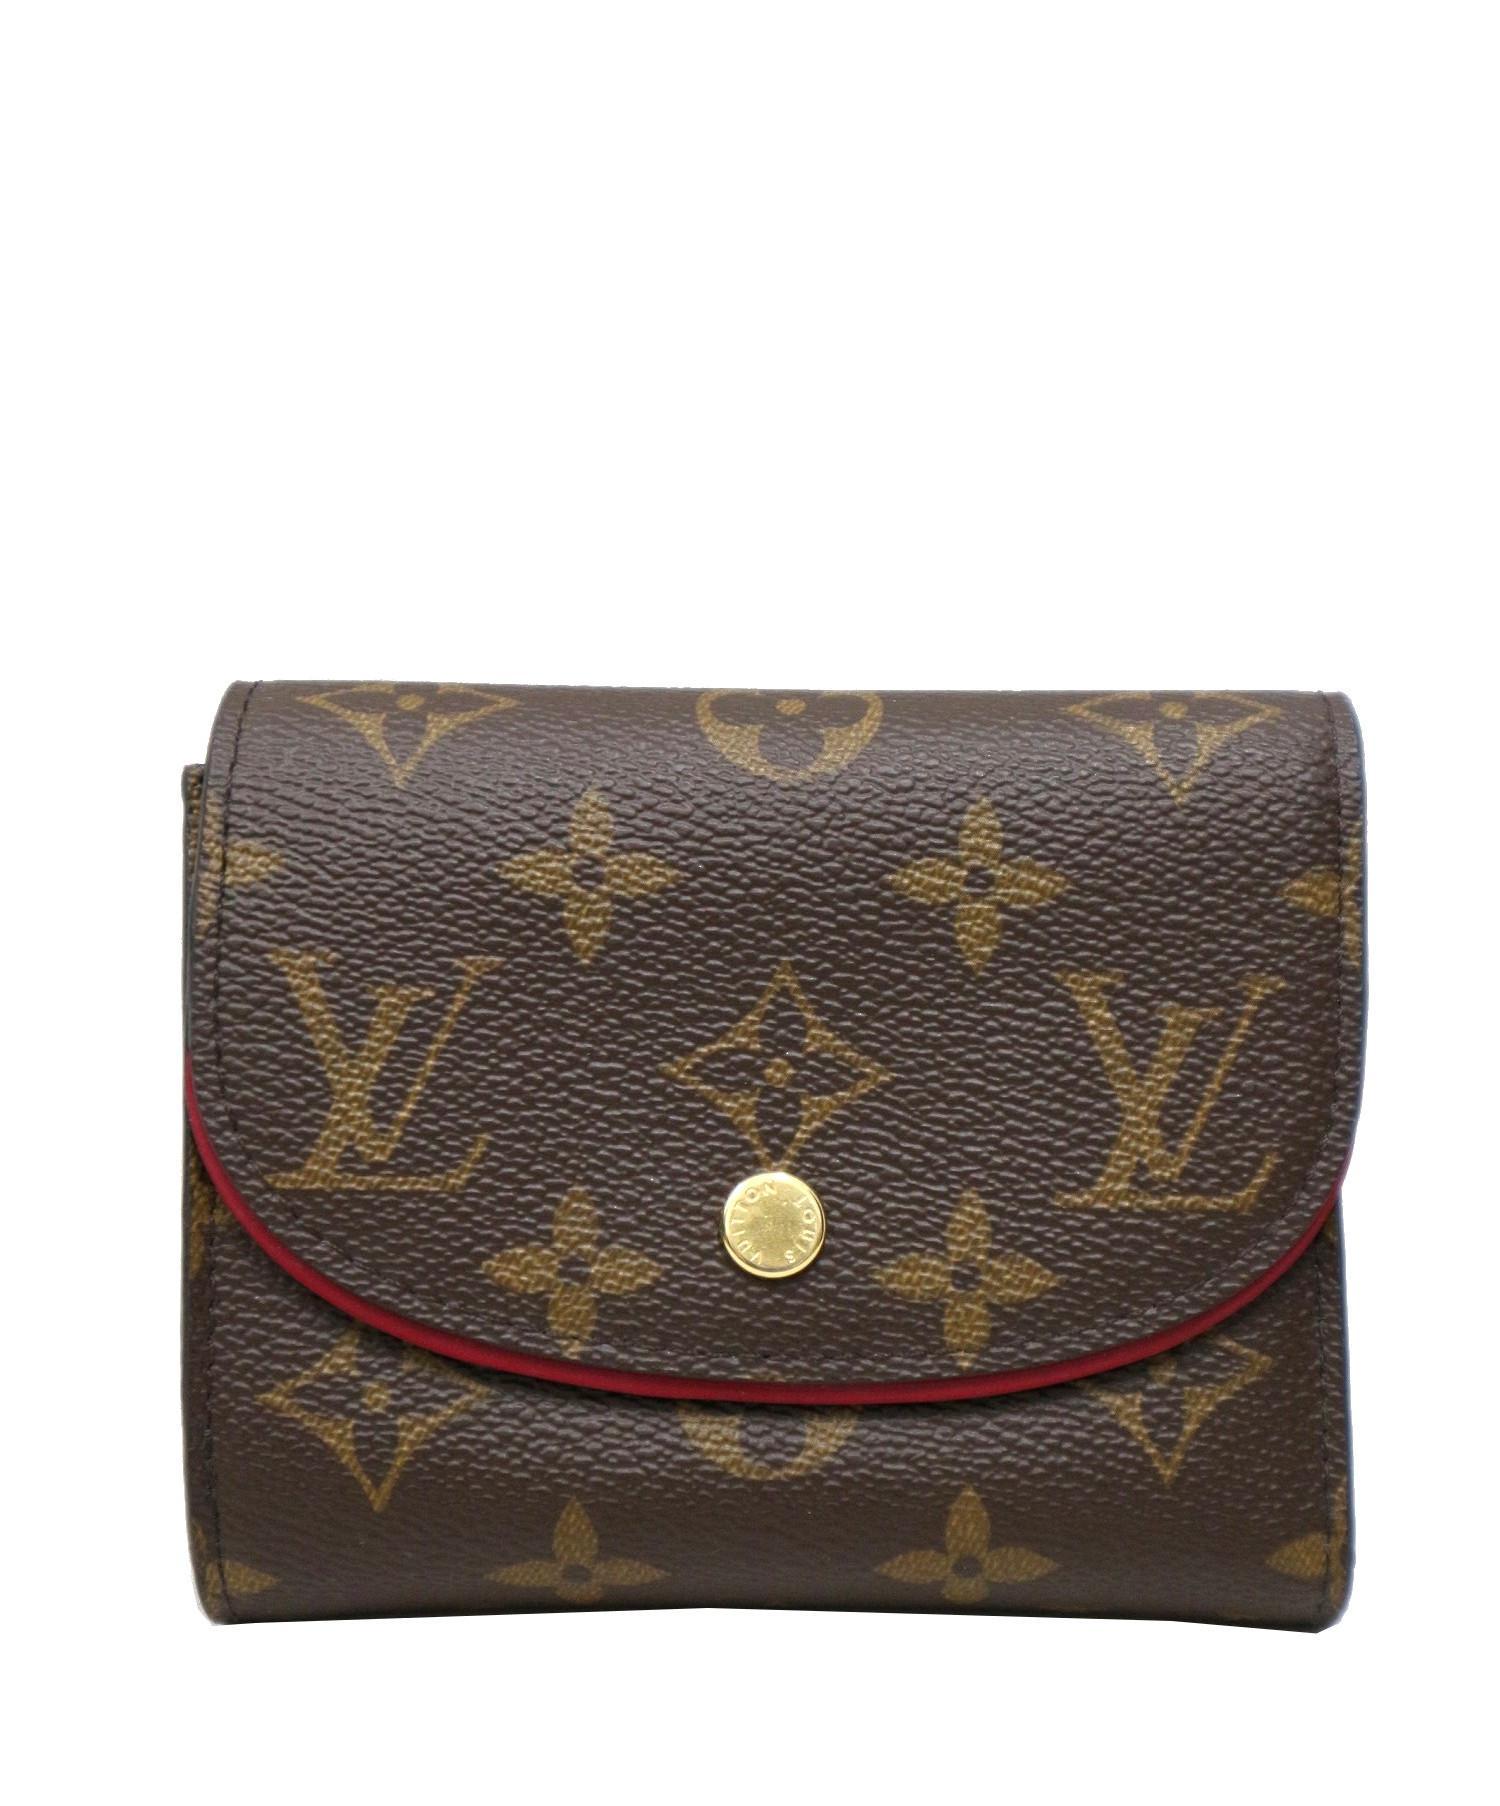 brand new f0ae4 41ed2 [中古]LOUIS VUITTON(ルイ・ヴィトン)のレディース 服飾小物 3つ折り財布